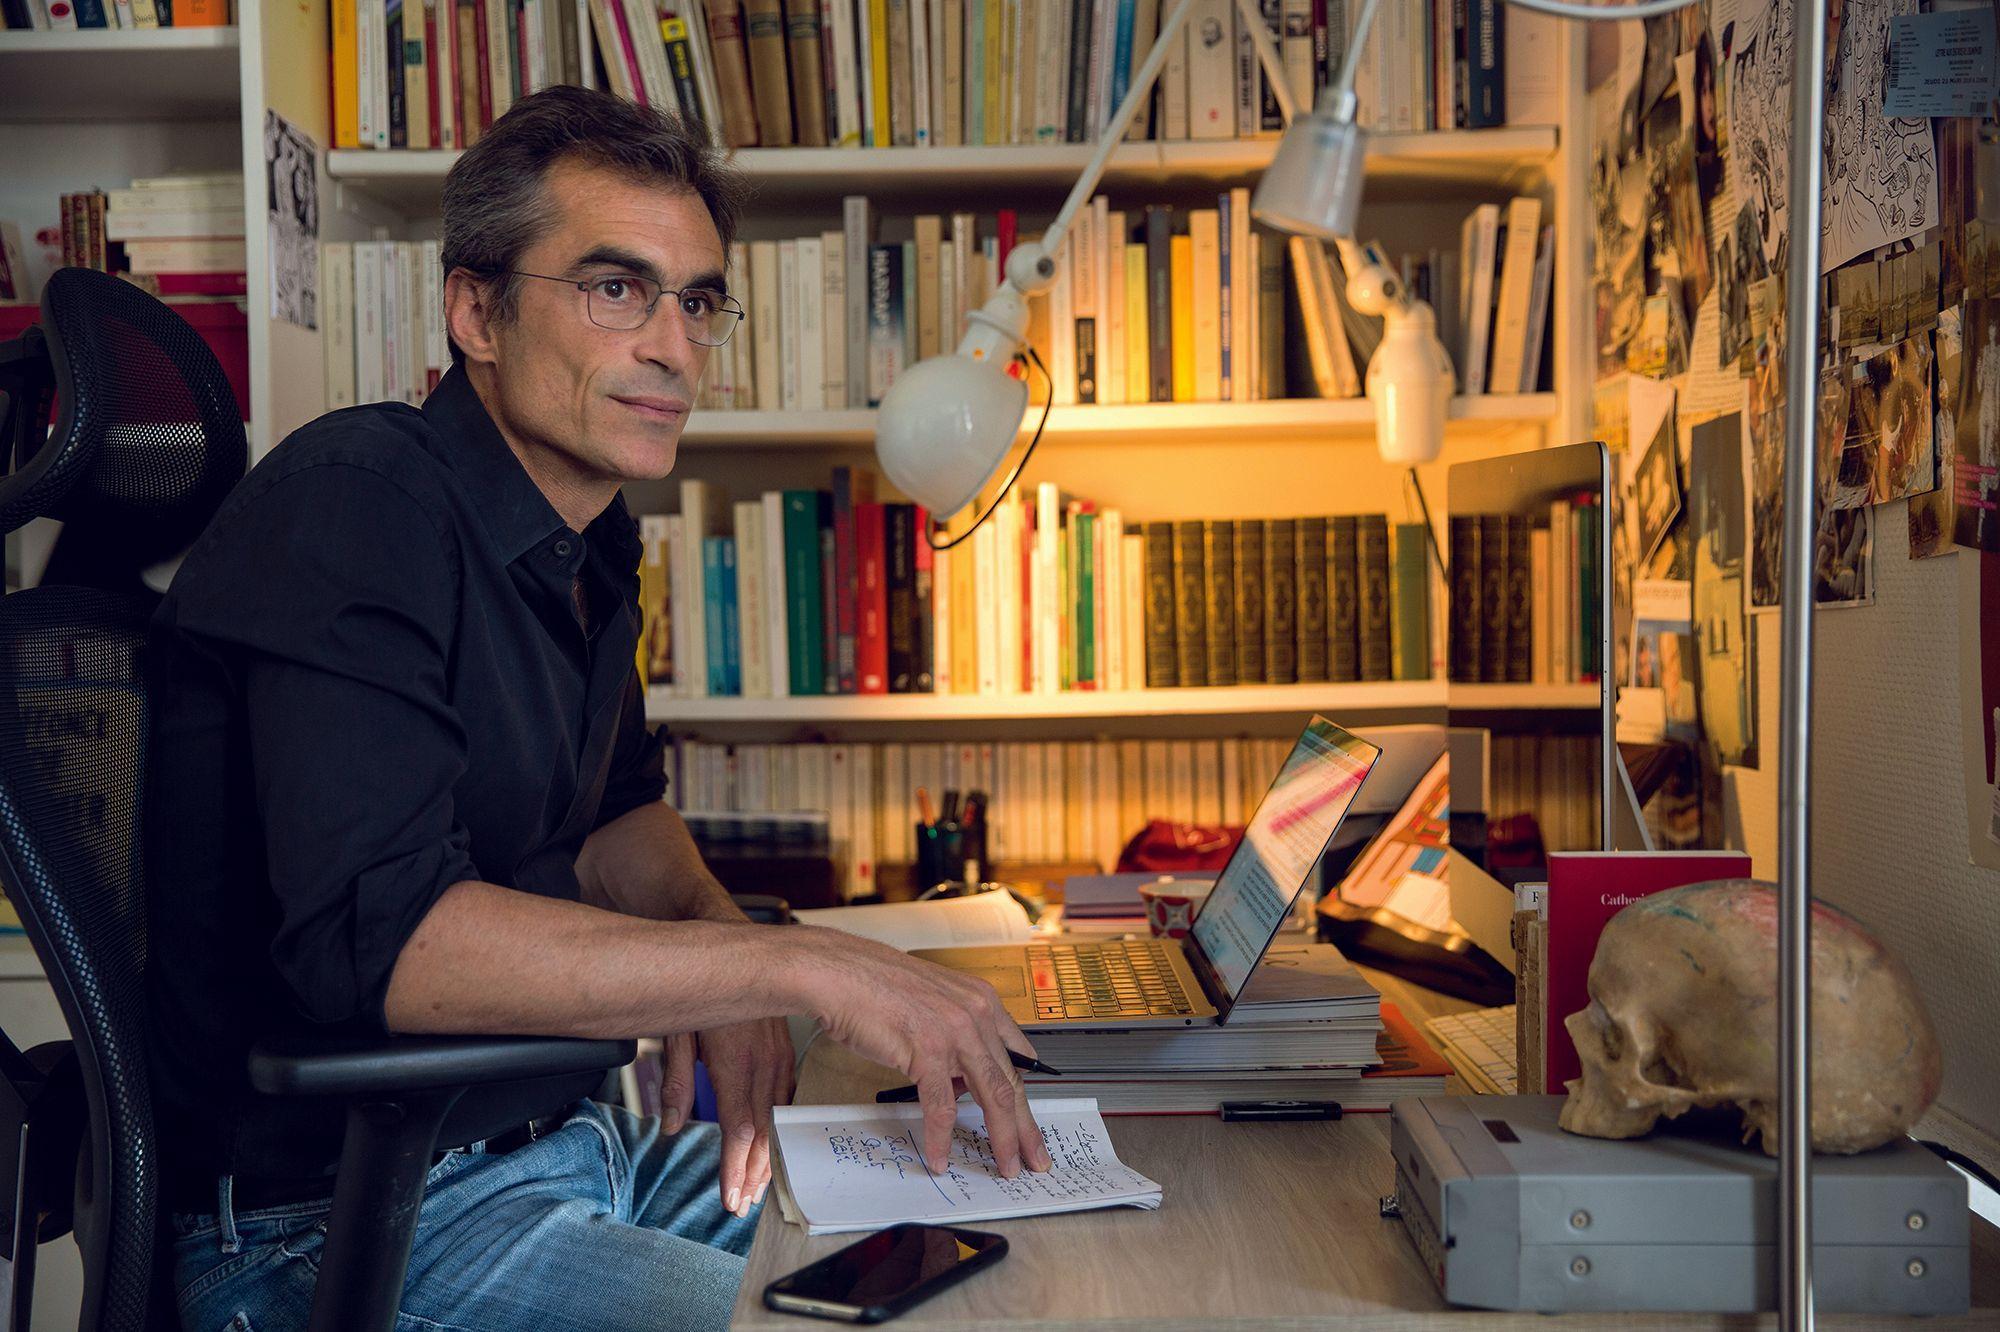 Raphael Enthoven Pourquoi Il Regle Ses Comptes Avec Justine Levy